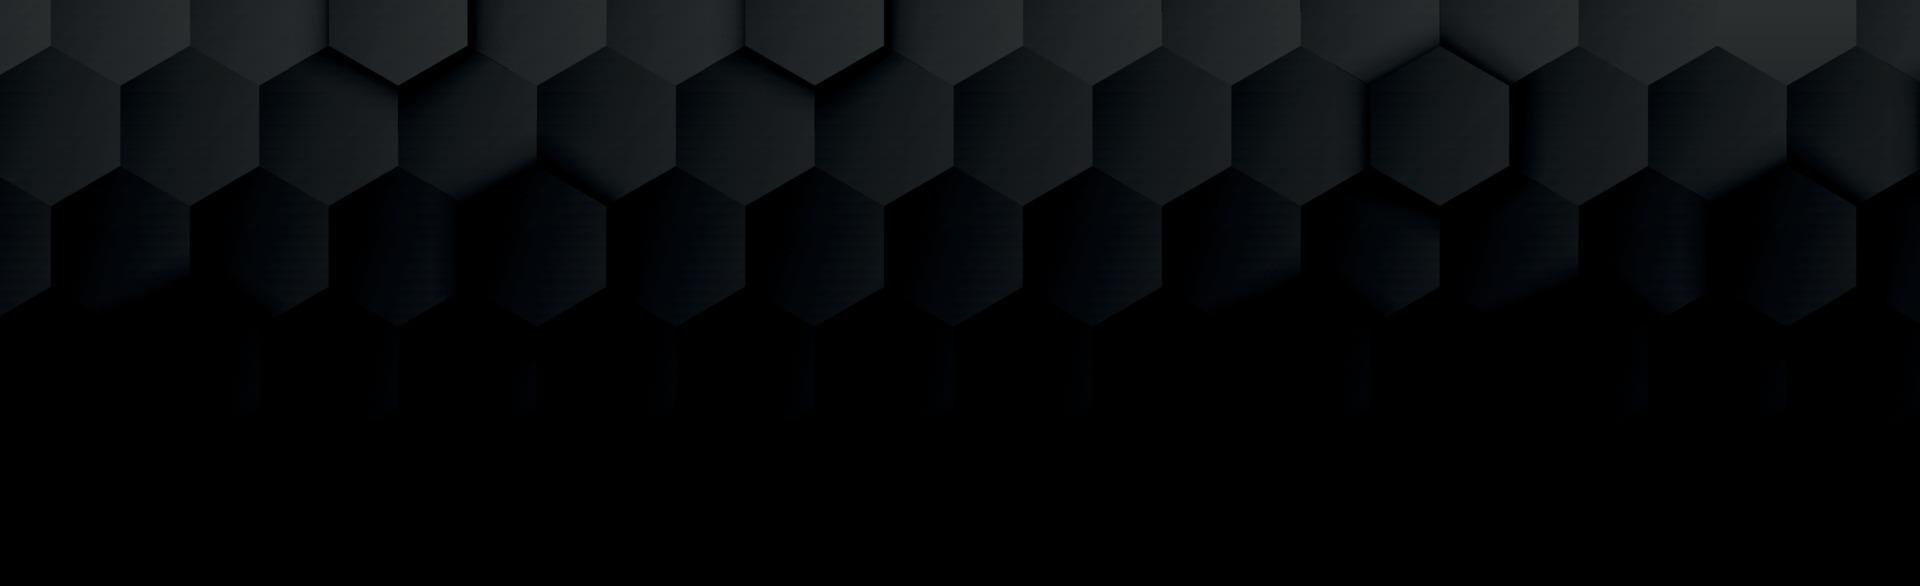 abstrakte schwarze Sechsecke auf dunklem Panoramahintergrund vektor